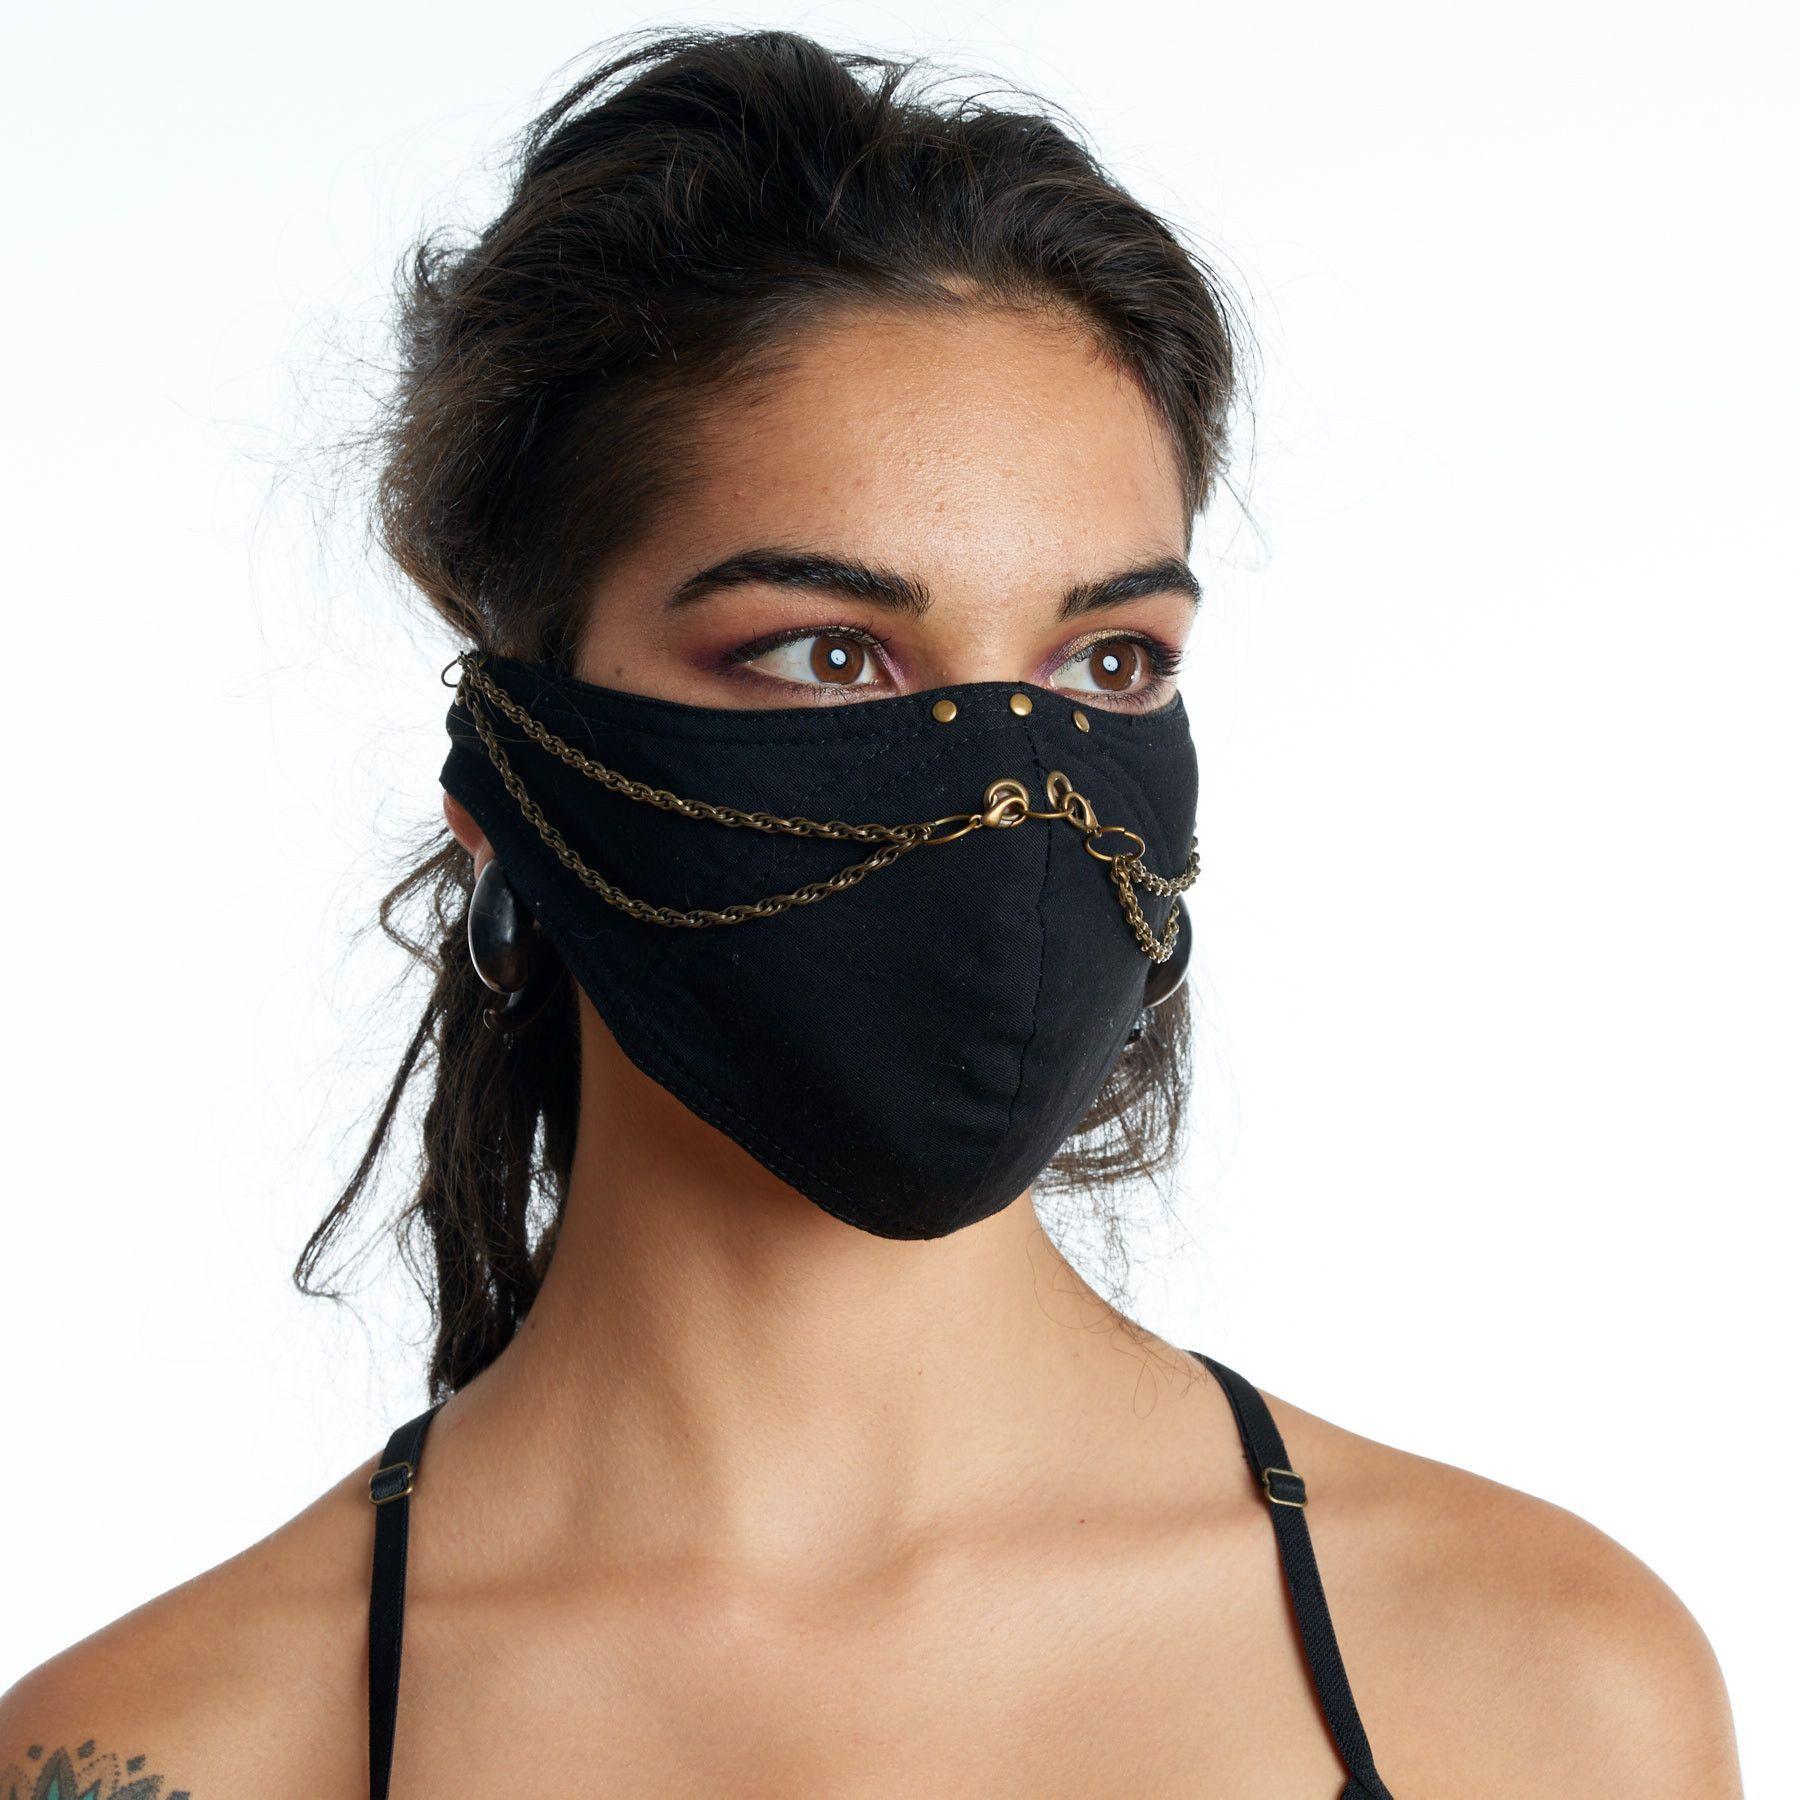 Ninja Chain Face Mask Fashion mask, Burning man fashion